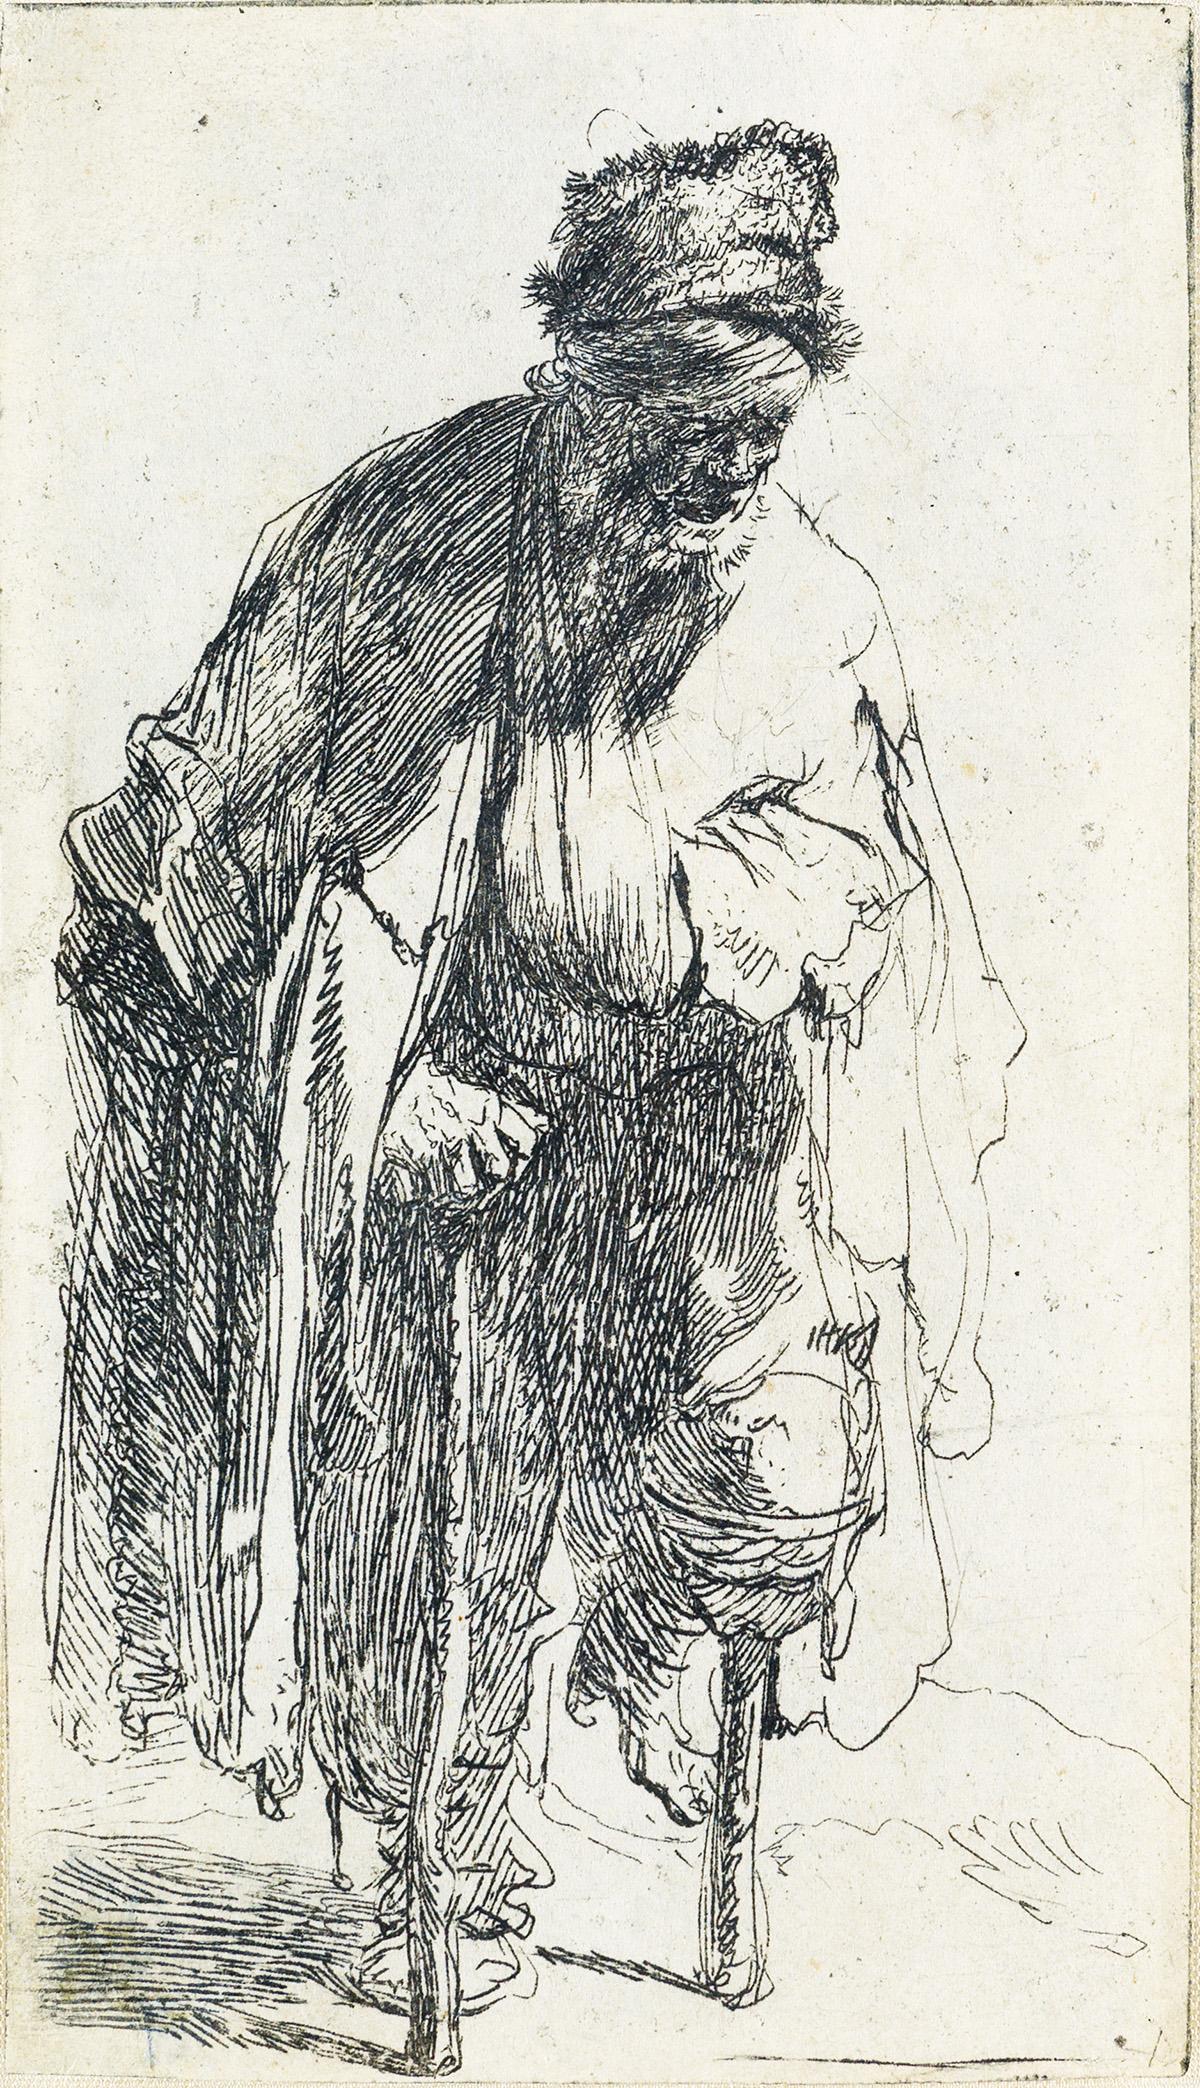 REMBRANDT VAN RIJN A Beggar with a Wooden Leg.